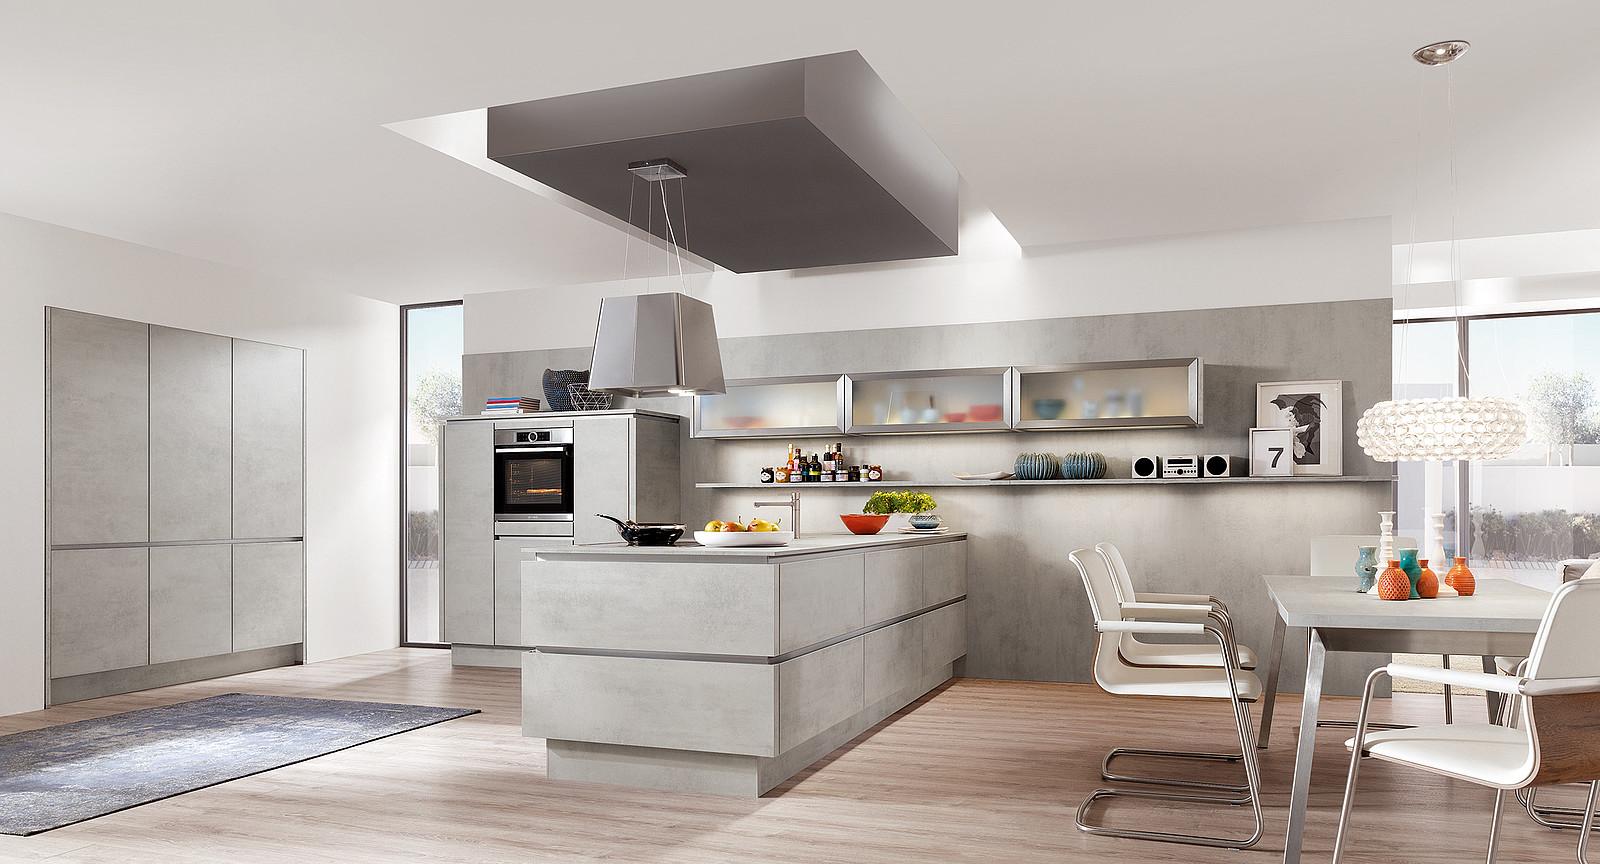 Full Size of Küchen Regal Moderne Duschen Modernes Bett 180x200 Landhausküche Sofa Deckenleuchte Wohnzimmer Bilder Fürs Esstische Wohnzimmer Moderne Küchen Küchen